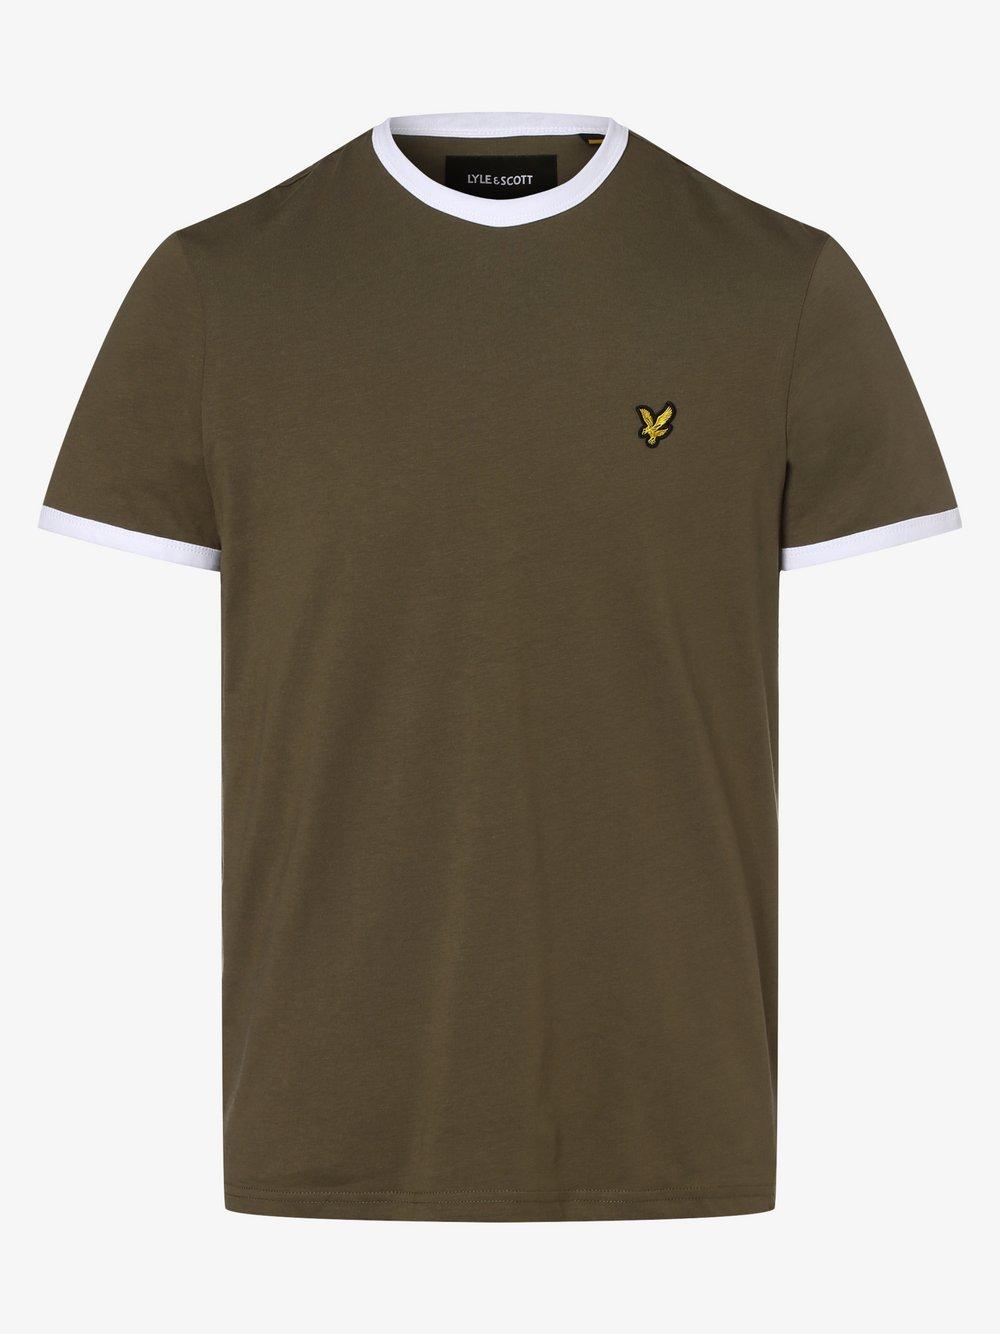 Lyle & Scott - T-shirt męski, zielony